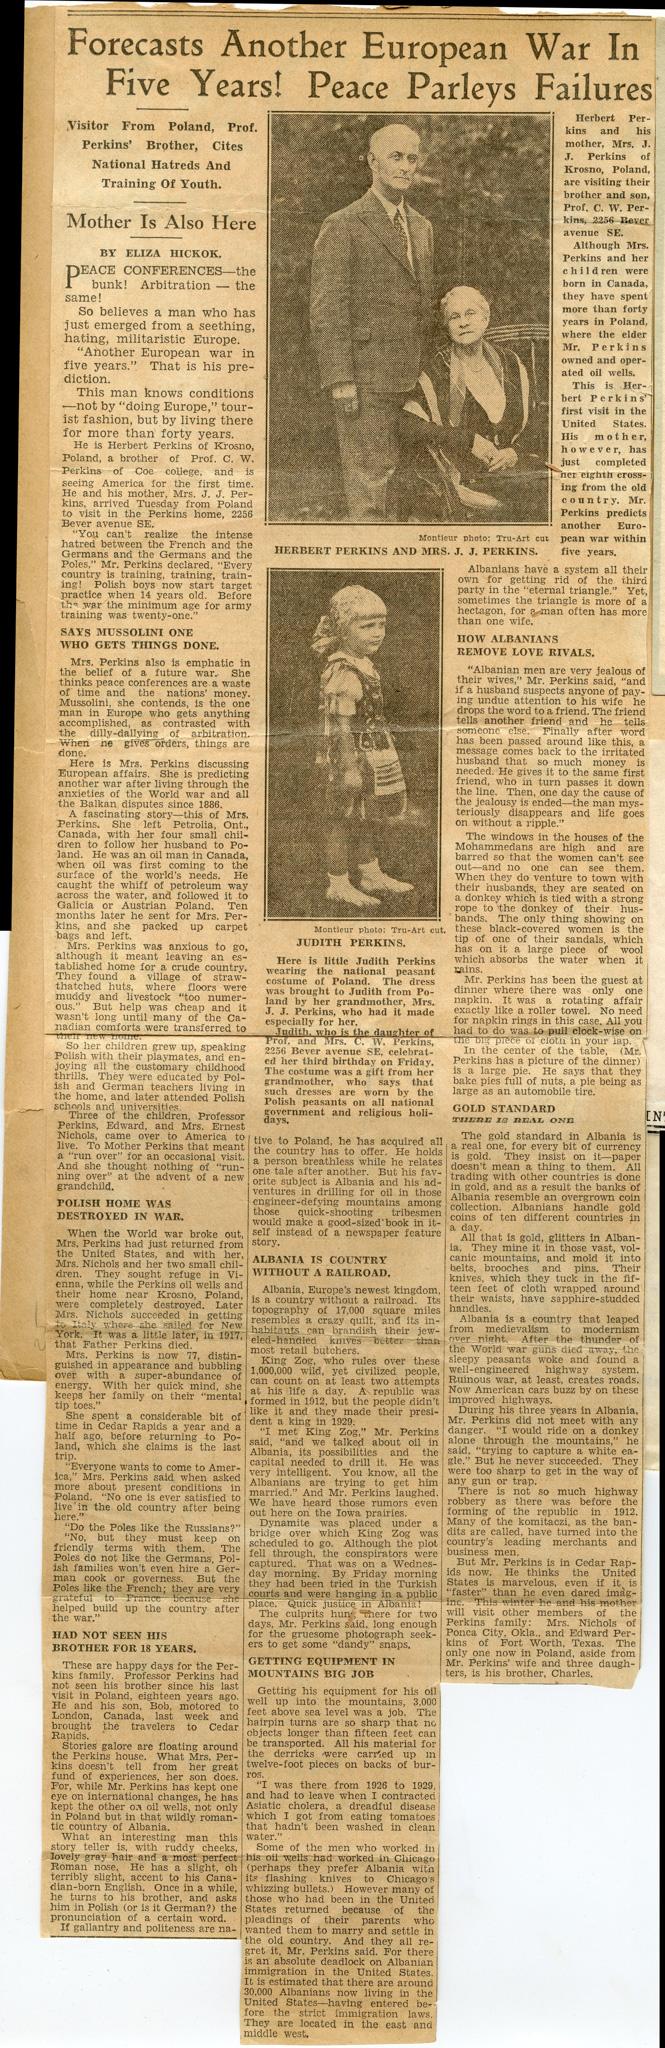 Herbert Perkins Newspaper Article